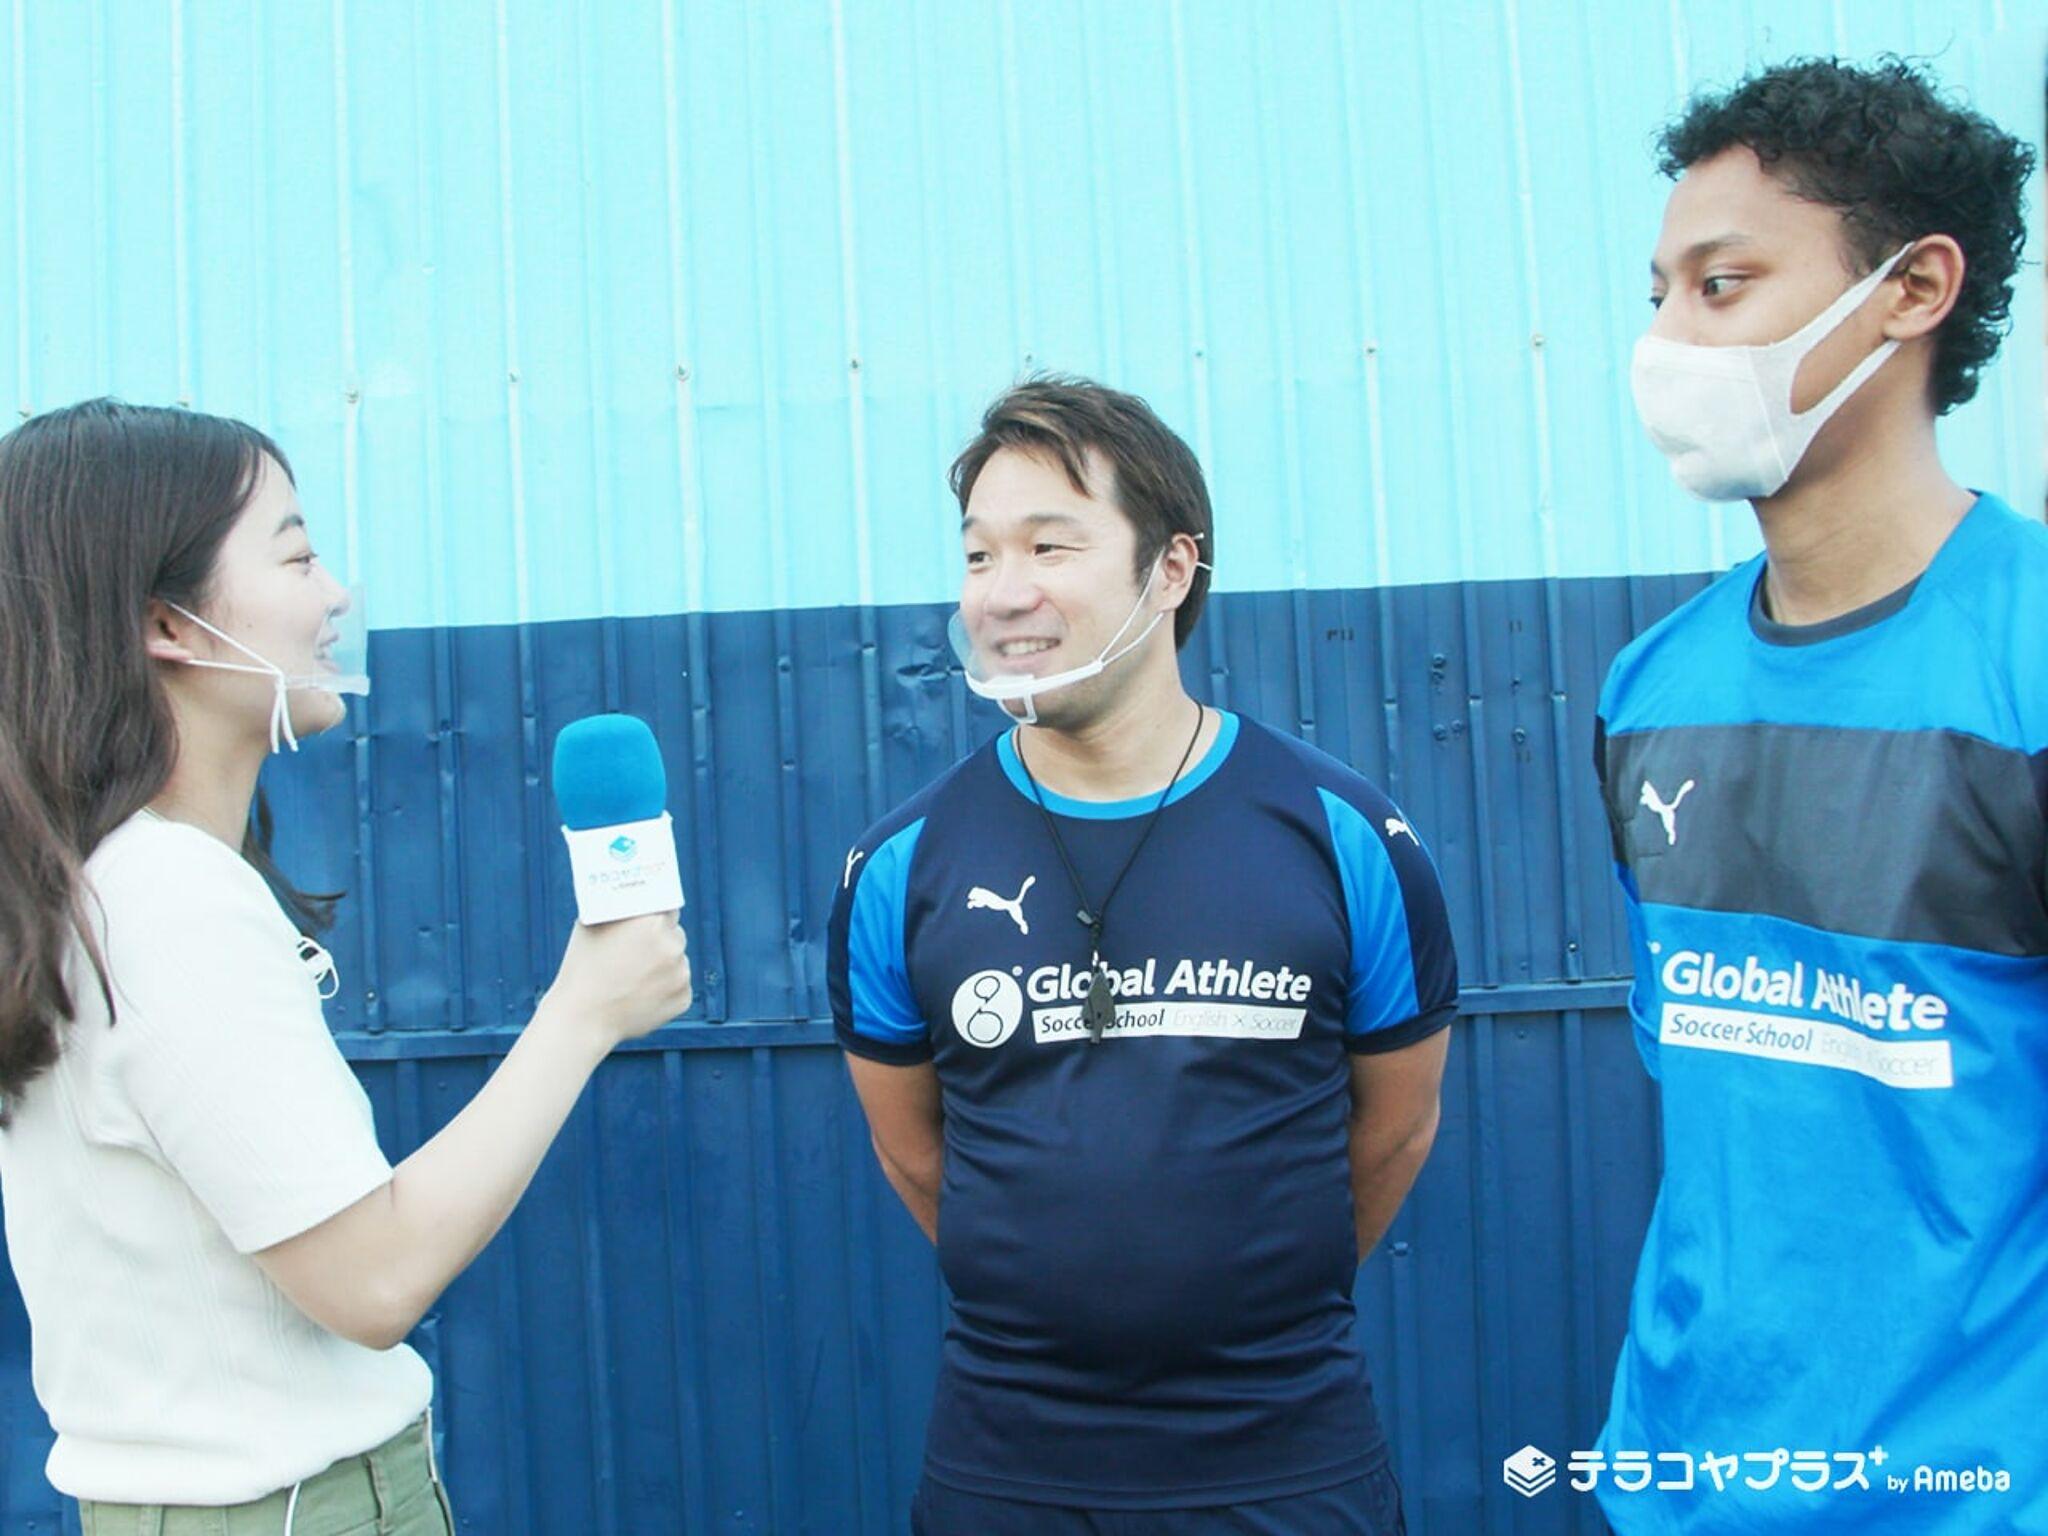 グローバルアスリート英語サッカースクールの先生たち